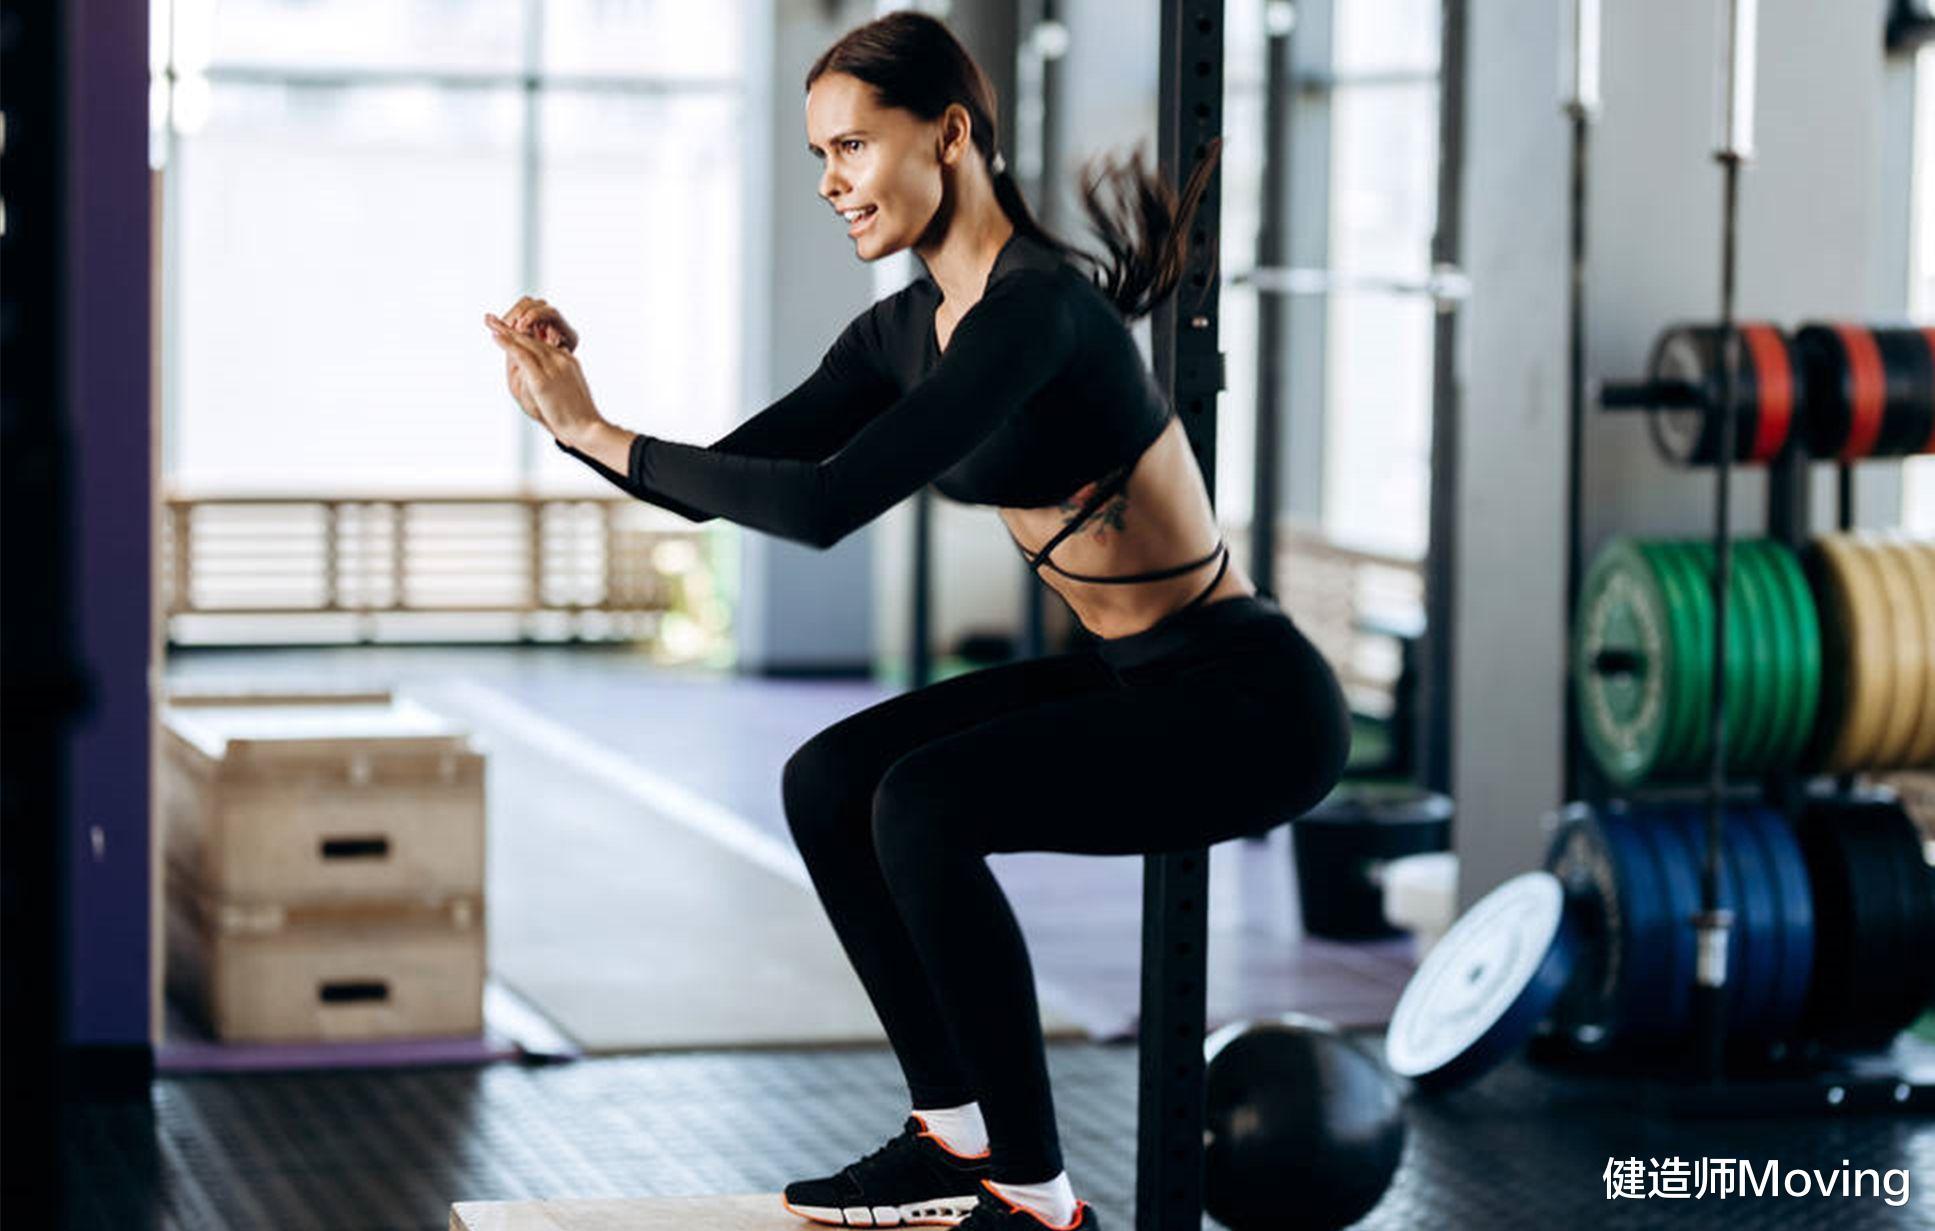 一周四练的健身应该怎么安排?每次多久合适?这些问题你应该明白